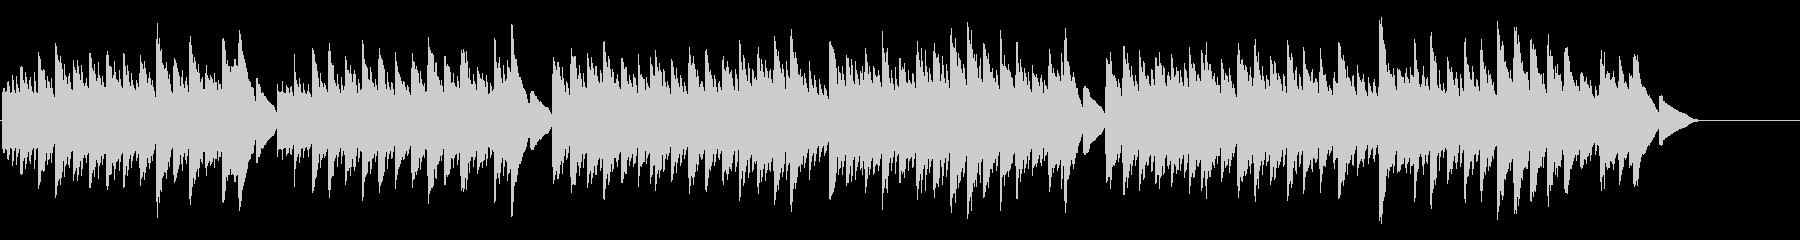 キラキラ星変奏曲(Var Ⅱ)オルゴールの未再生の波形